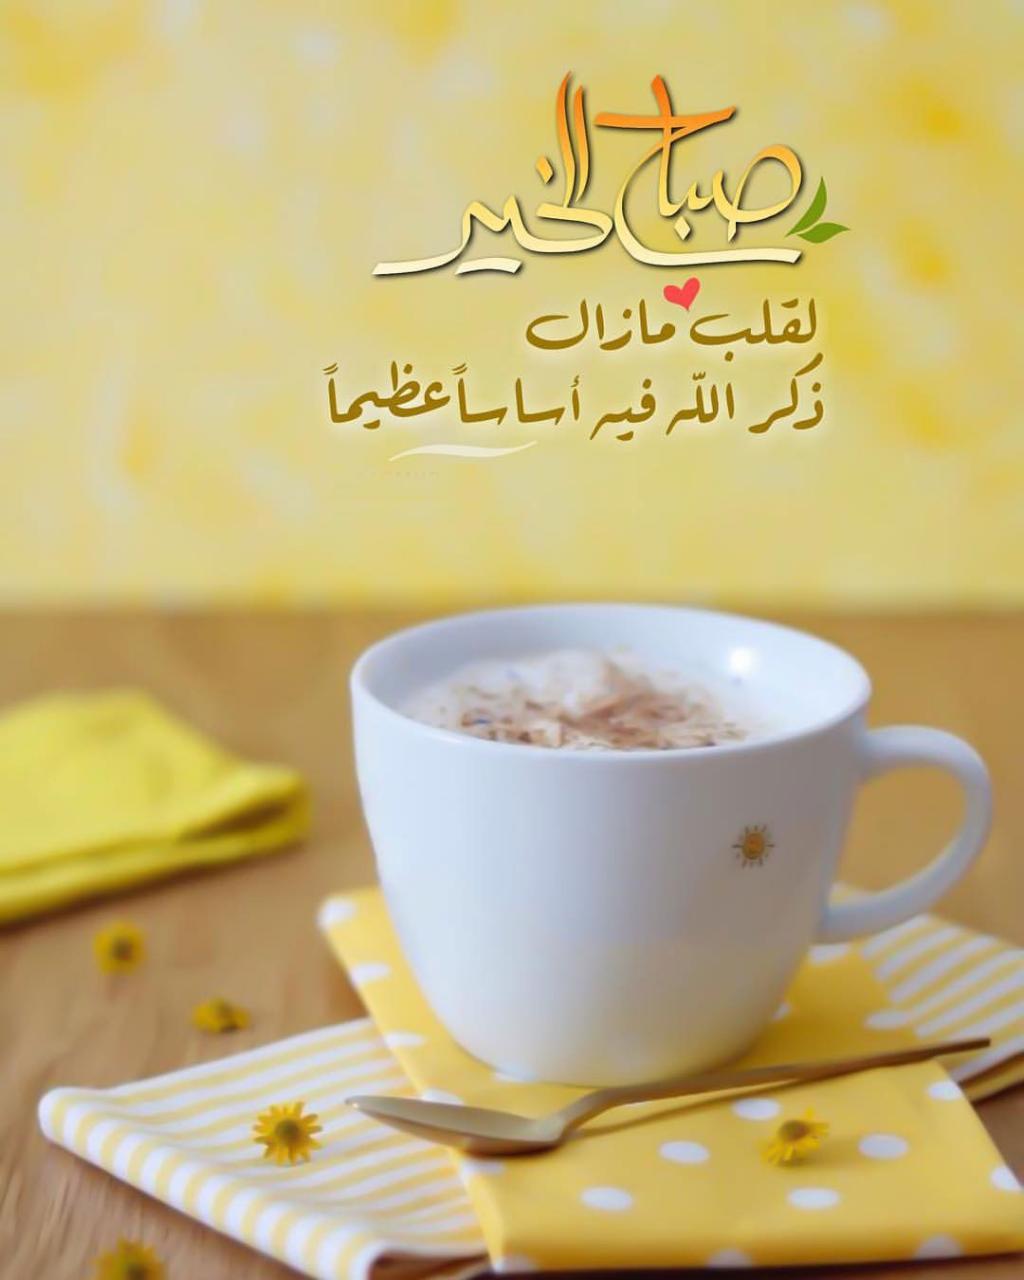 صورة صور صباح الخير صور صباح الخير , افتح عيونك على احلى كلام